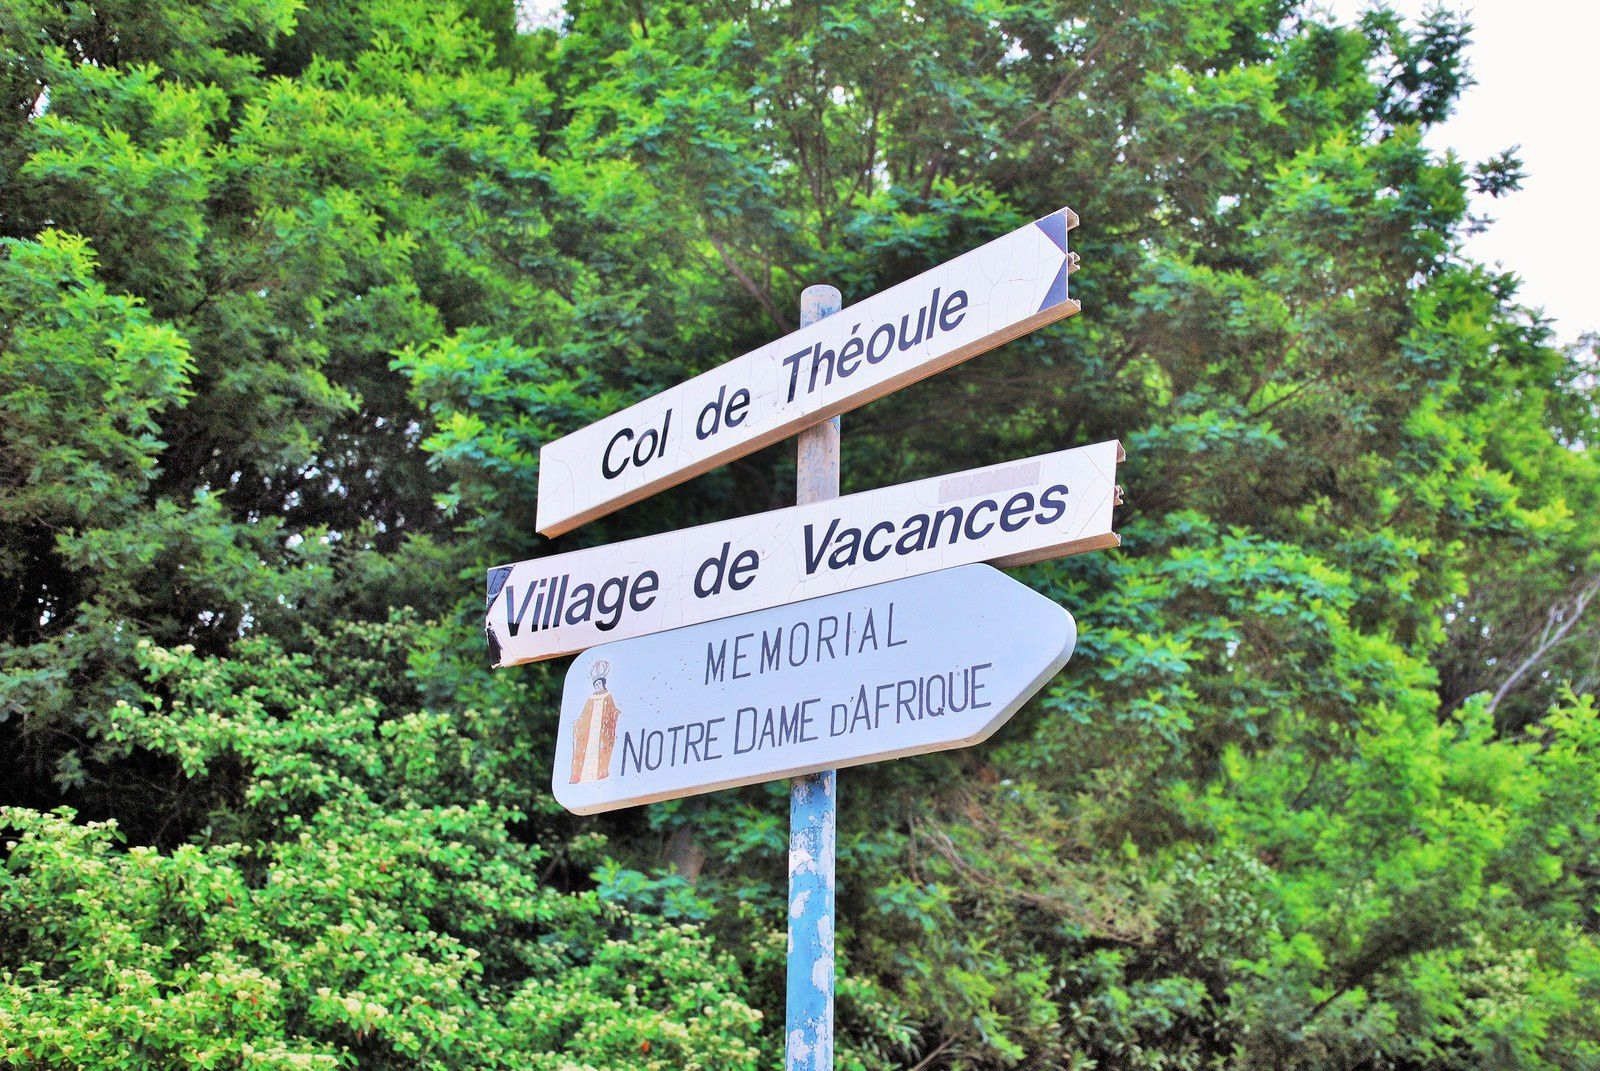 Notre Dame d'Afrique ( Col de Théoule )&quot&#x3B;Balades d'ici et d'ailleurs &quot&#x3B;